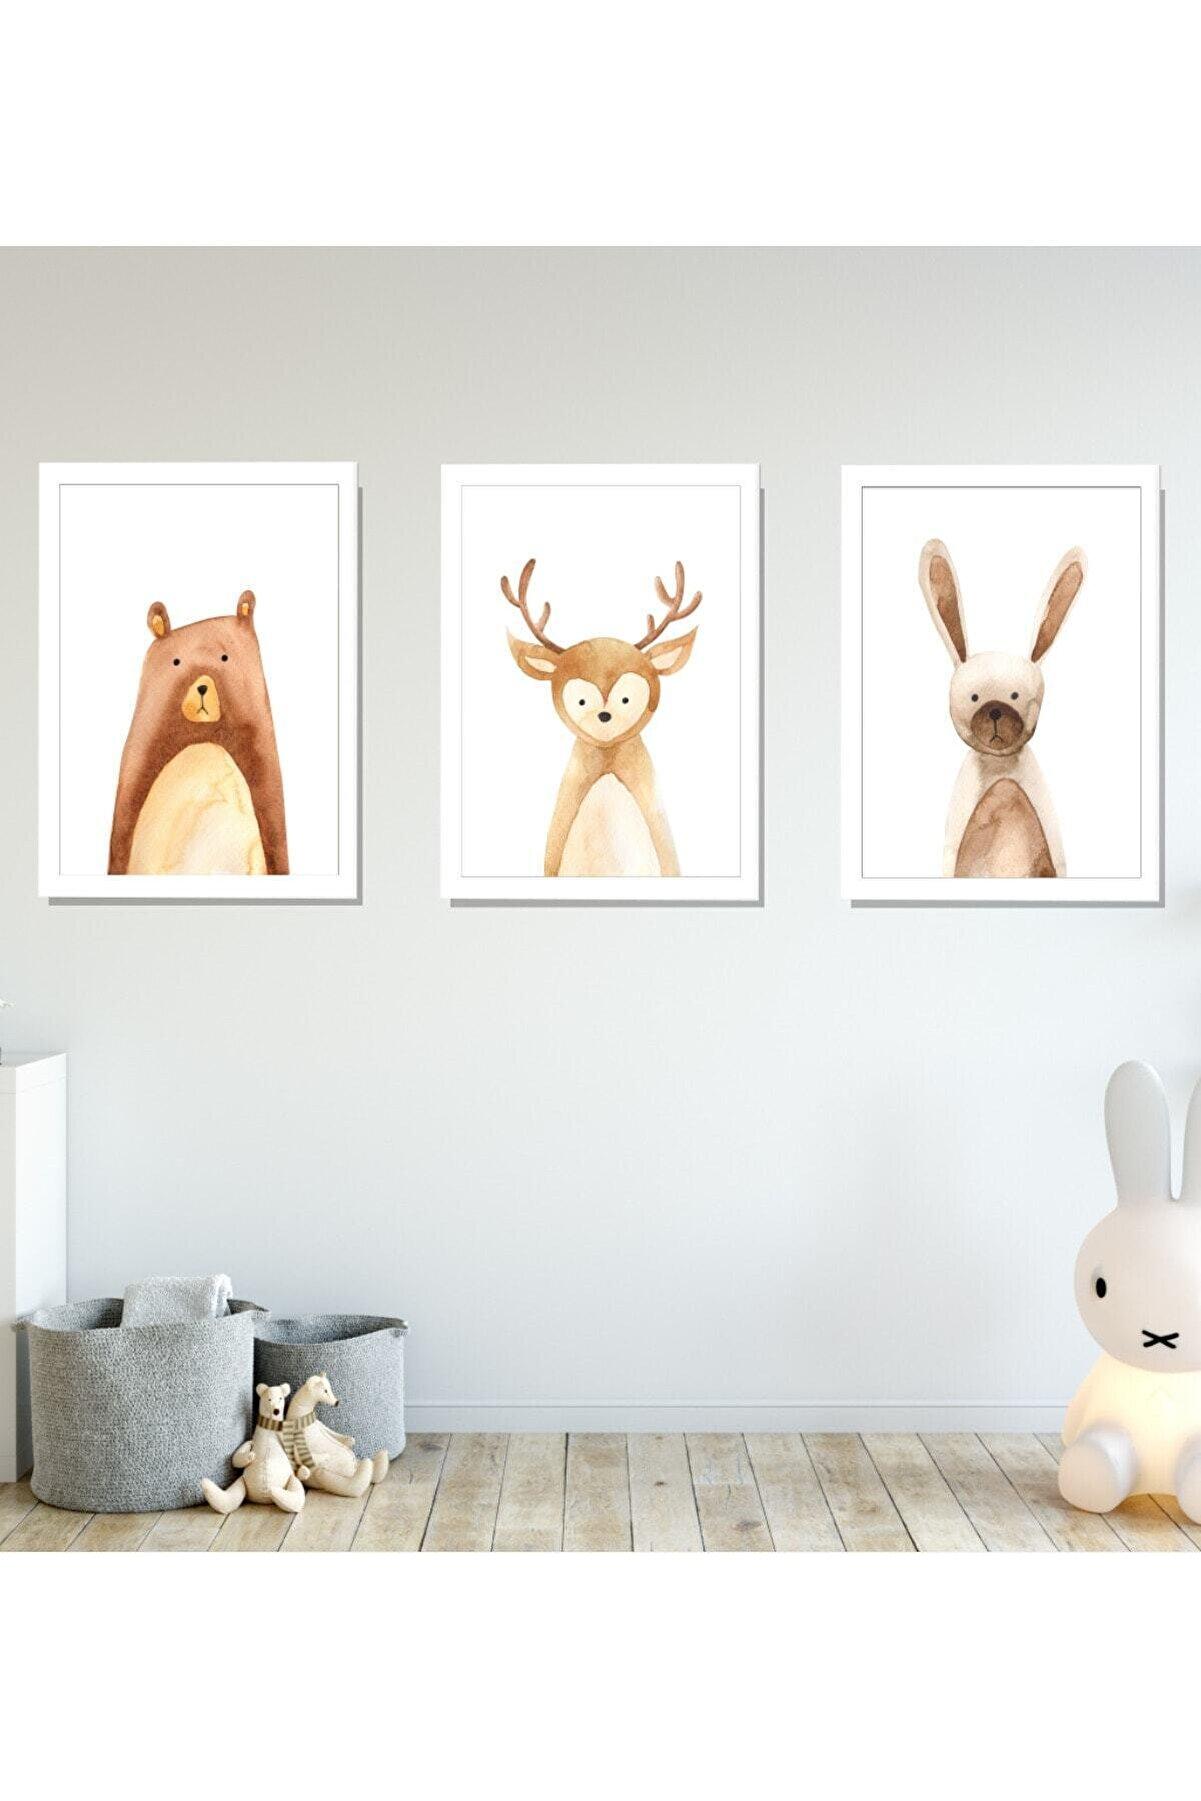 SUNNYFUNNYKIDS Bebek Çocuk Odası Tablo Nordic Ayı Geyik Tavşan 3'lü Çerçeveli Set 21x30 Cm Sfk4